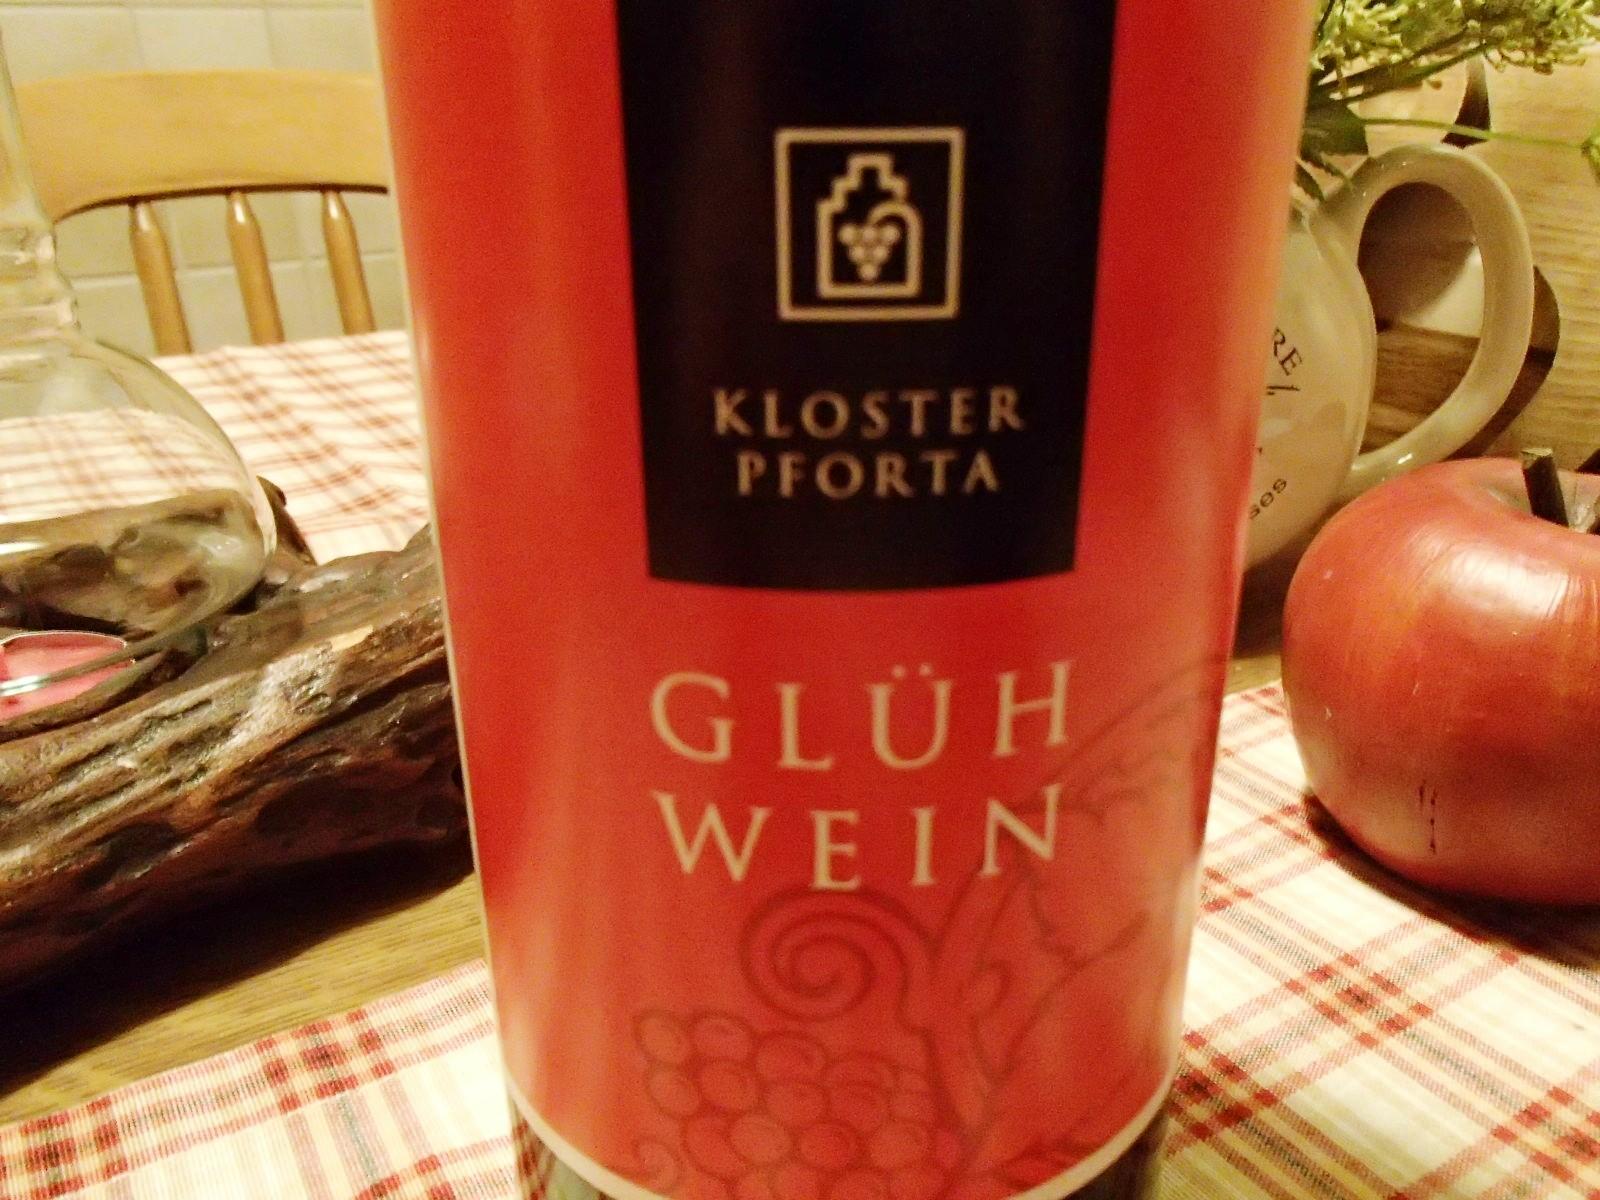 Erst wenige Stunden auf dem Markt, hier die allererste Flasche, die das Weingut verließ.